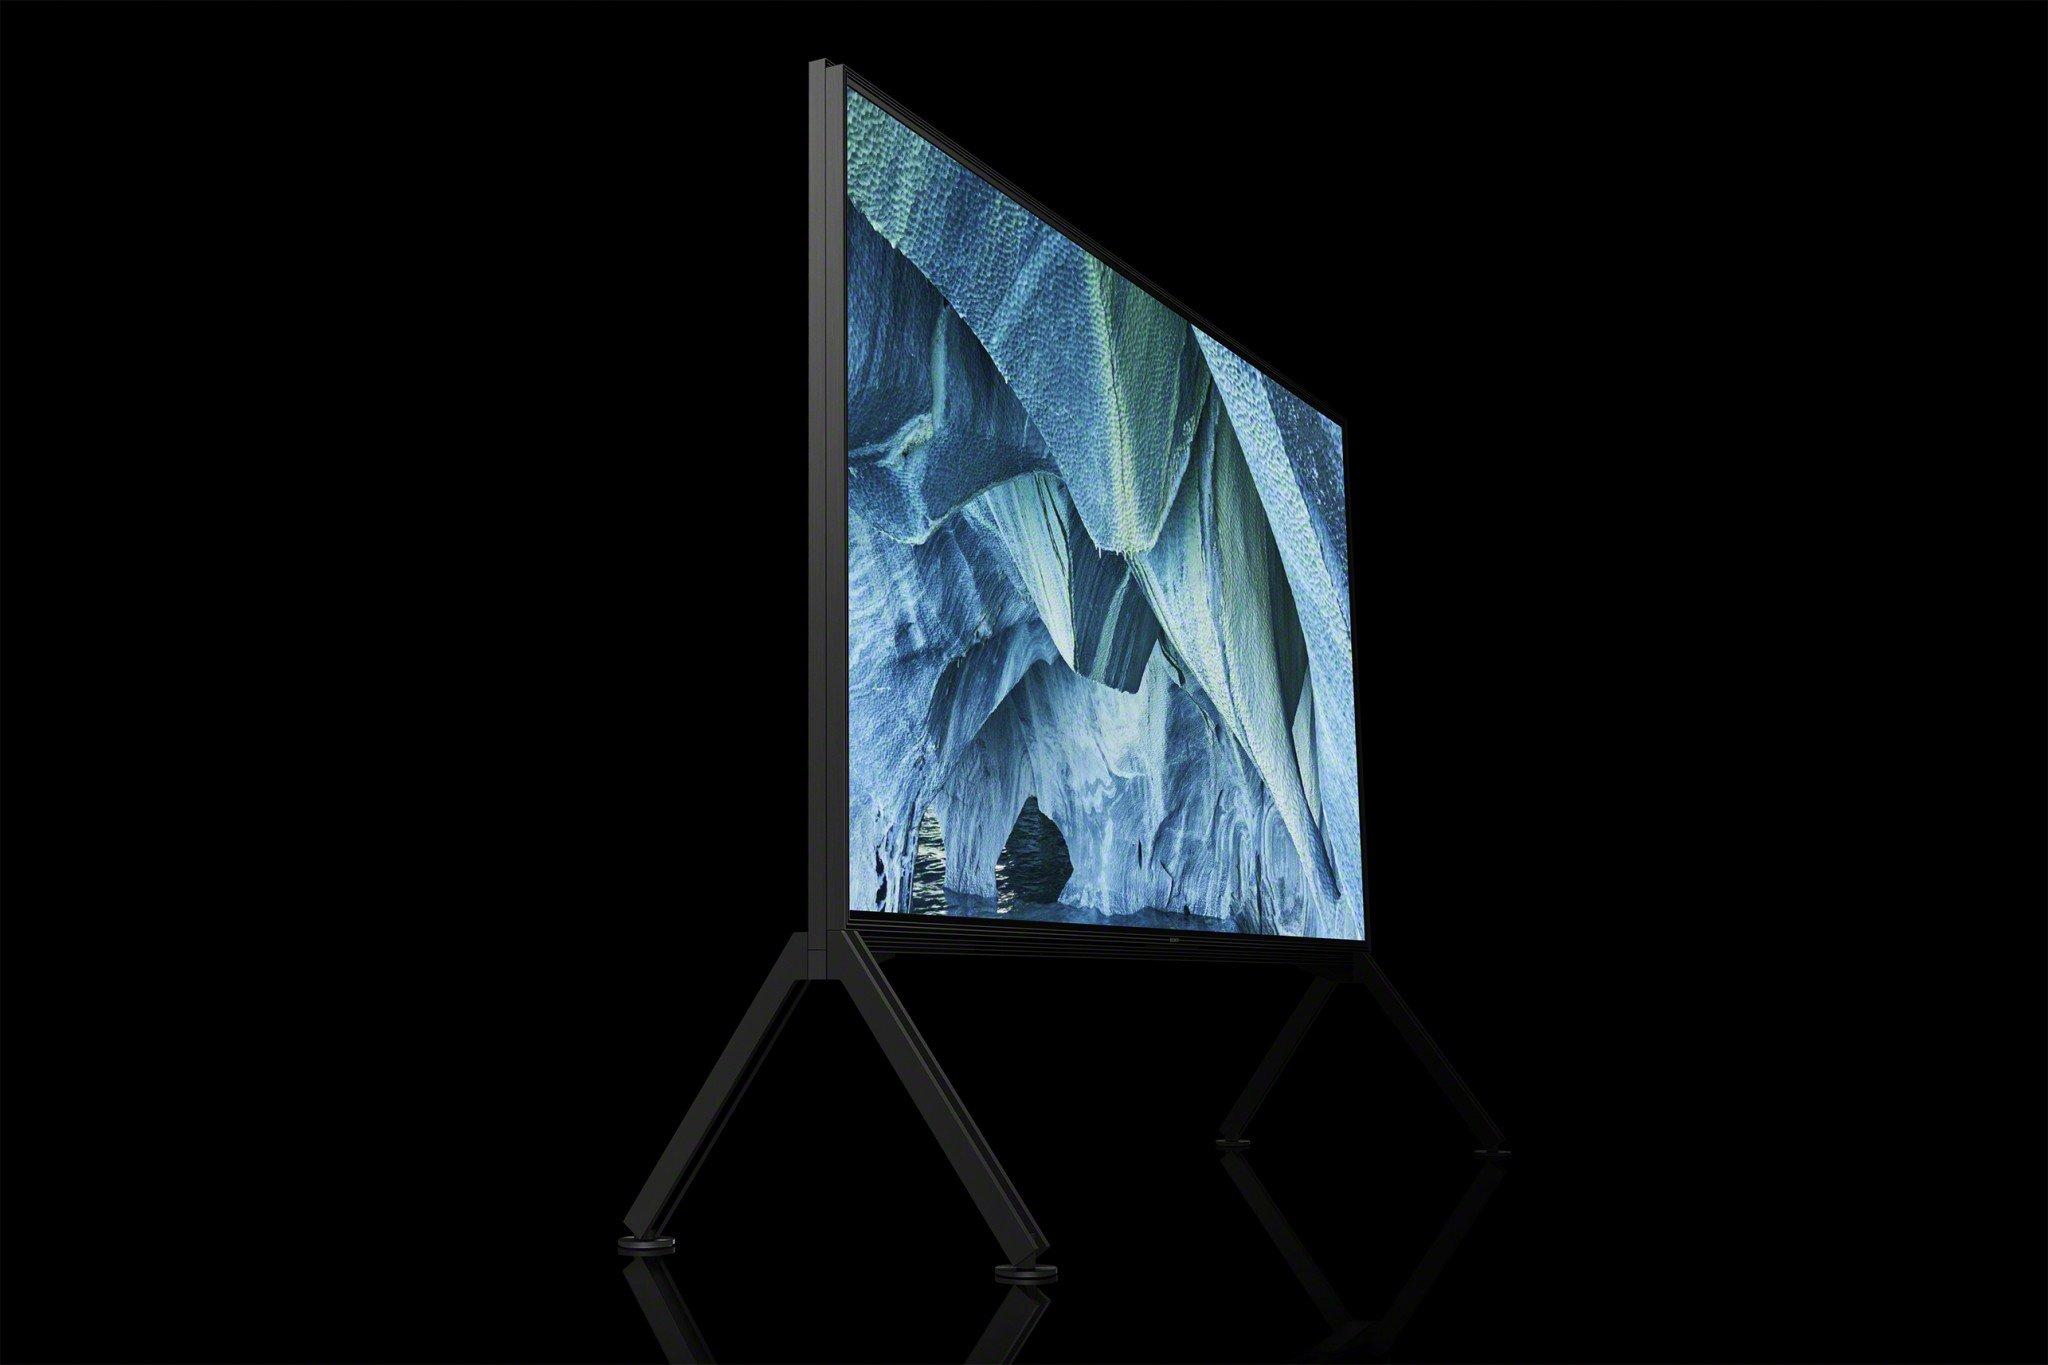 Sony ZG9 8K HDR Full Array LED tv